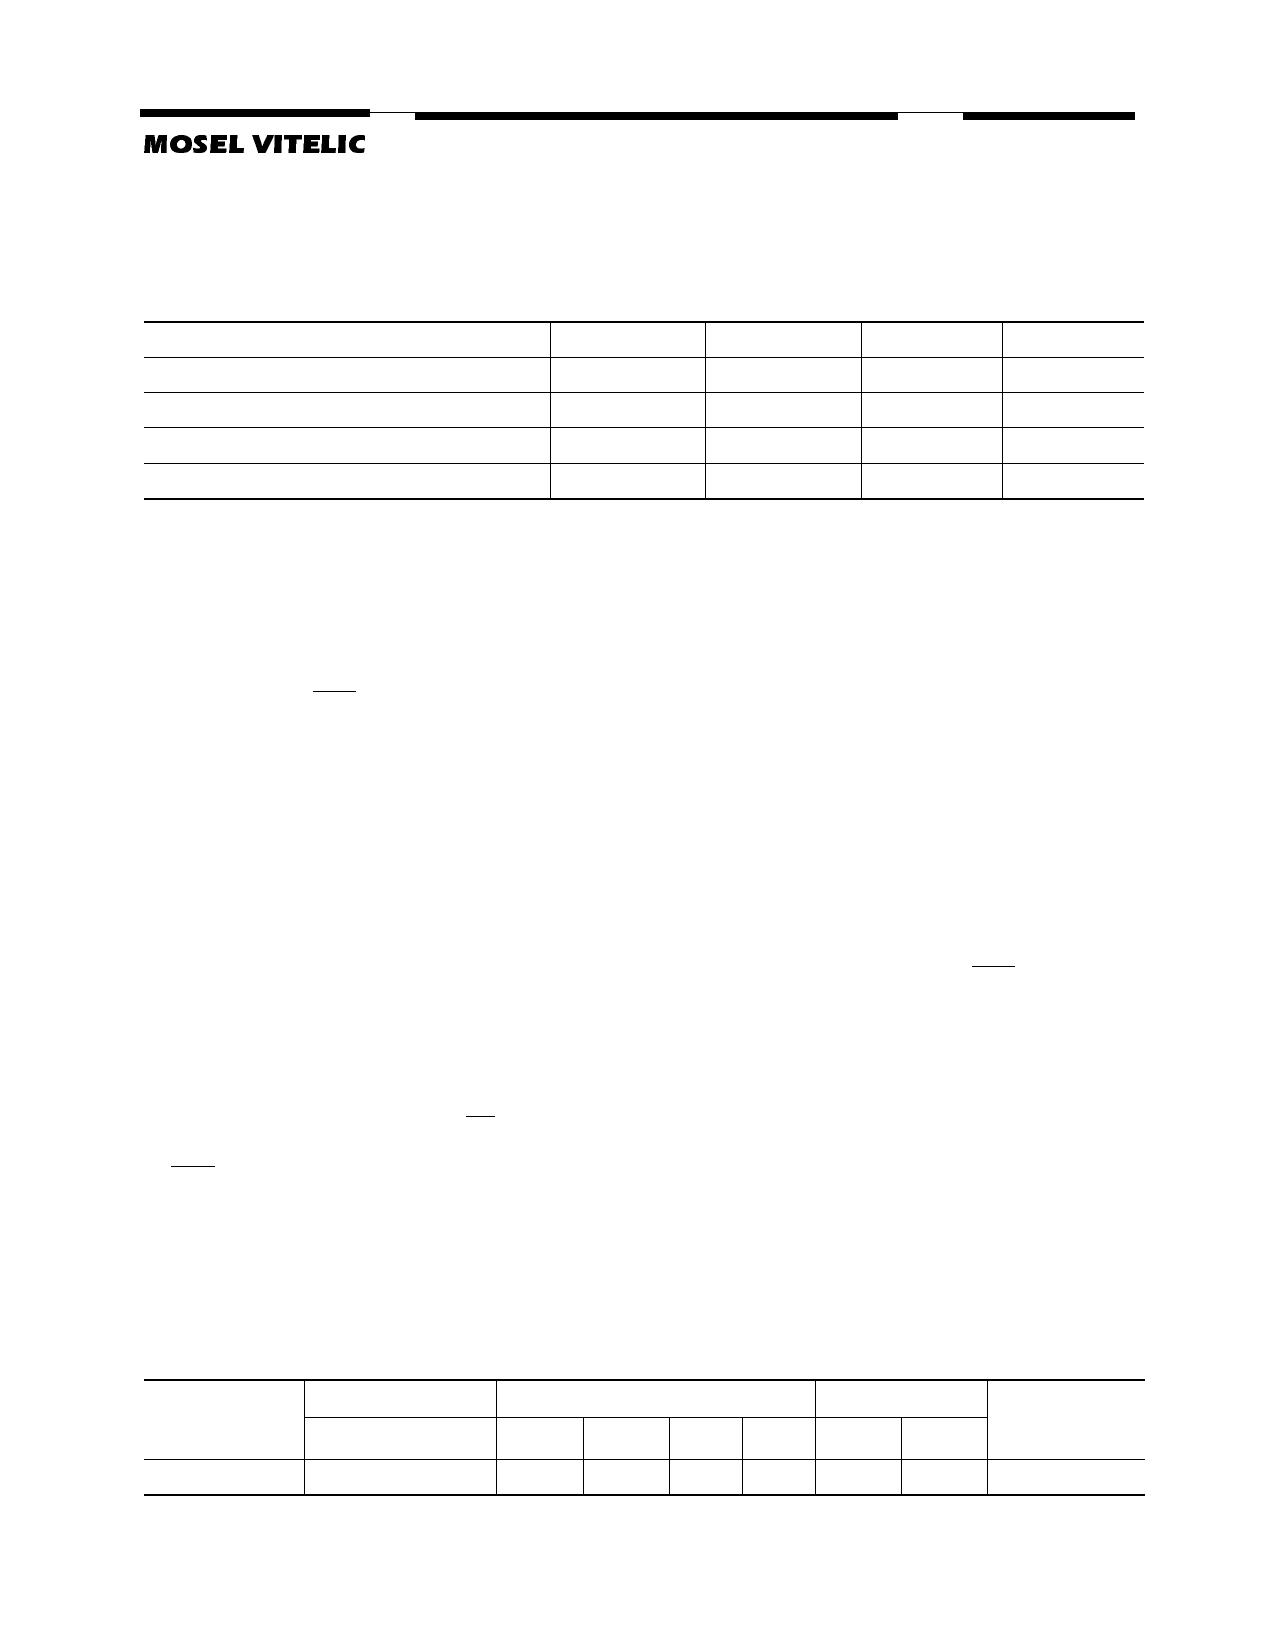 V58C2128164S datasheet